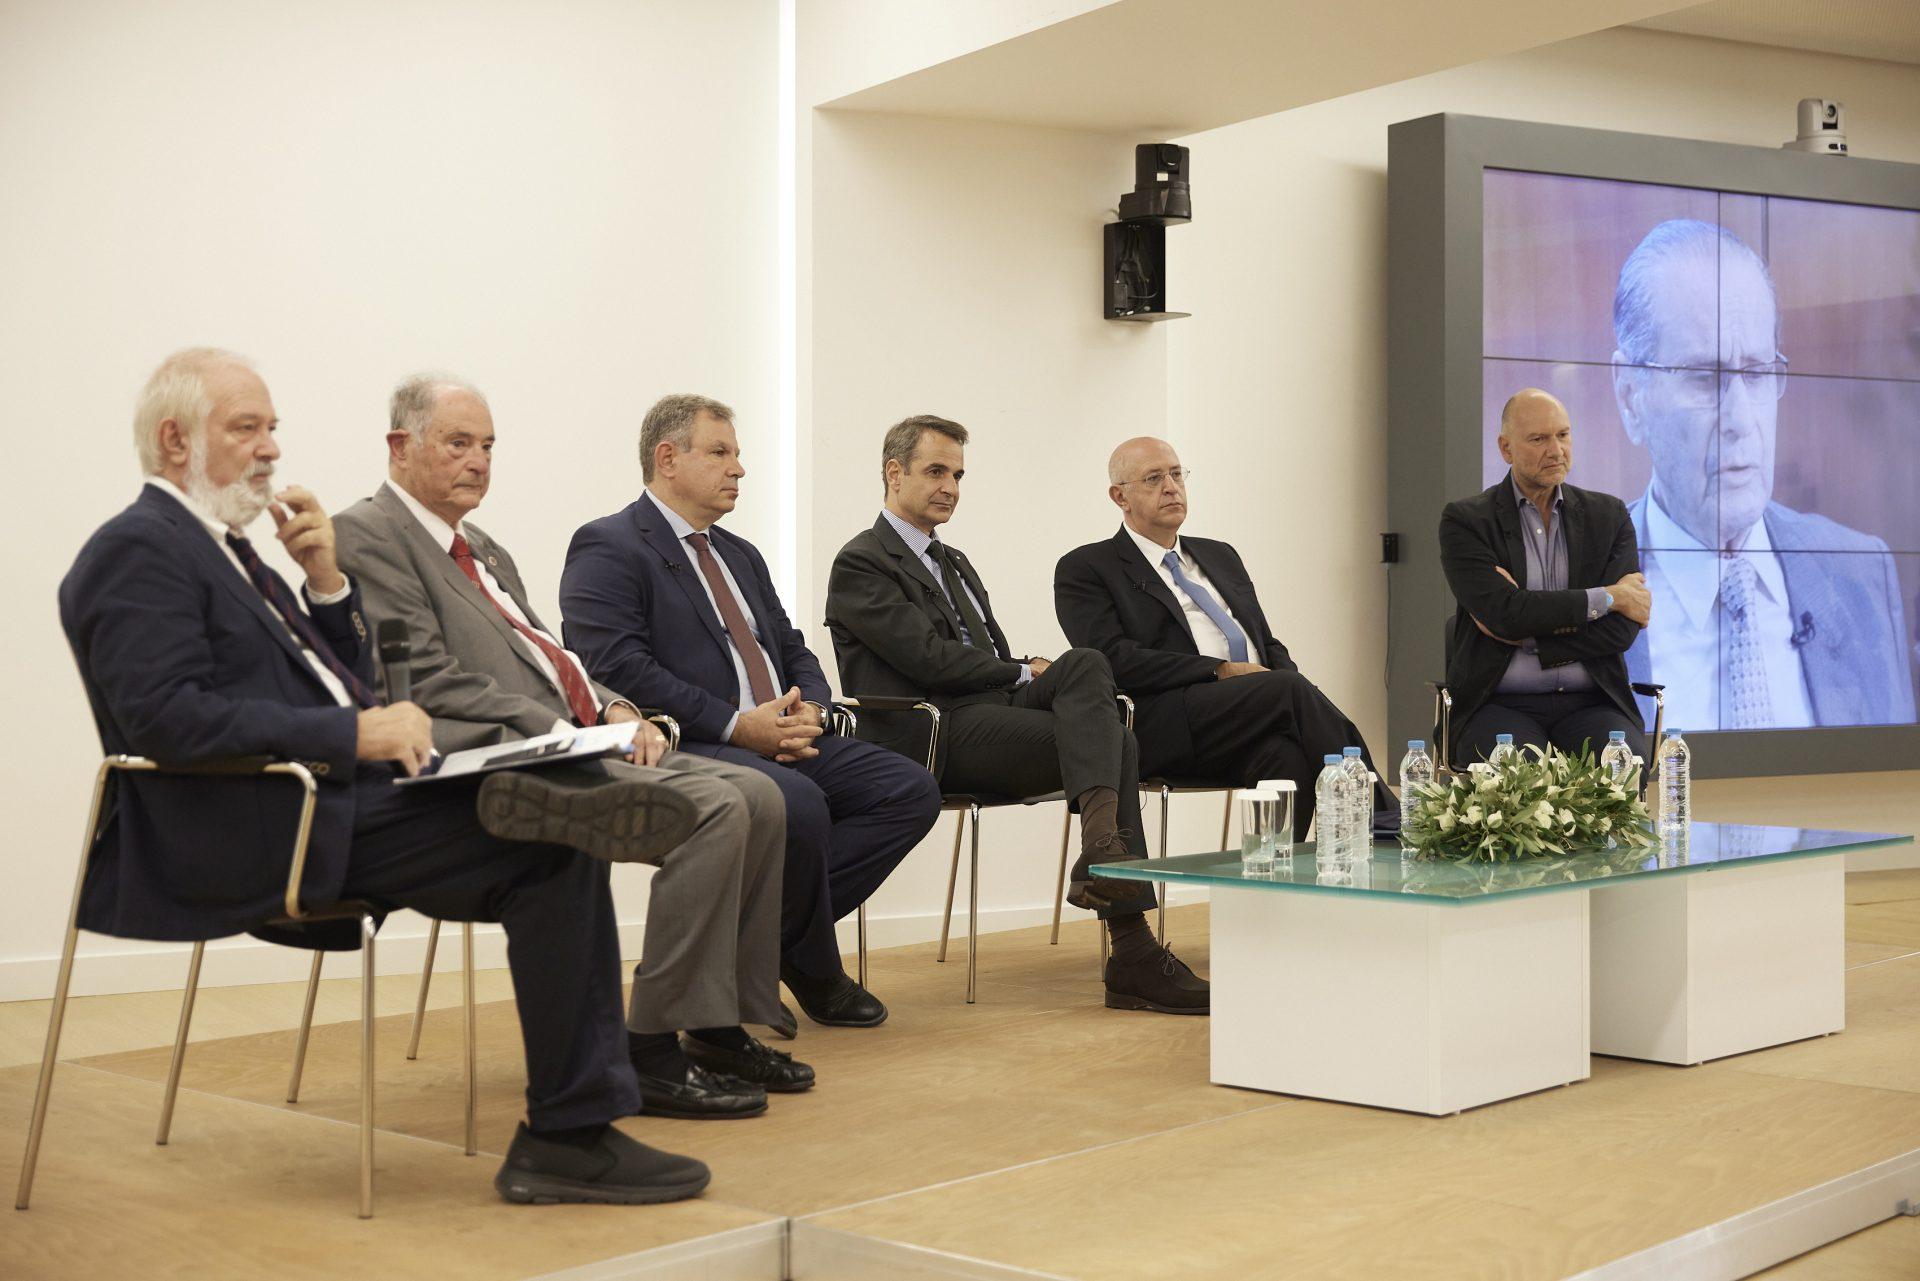 Μητσοτάκης-ΙΟΒΕ: Η επιχειρηματικότητα πρέπει να στηρίξει και τον κόσμο της εργασίας